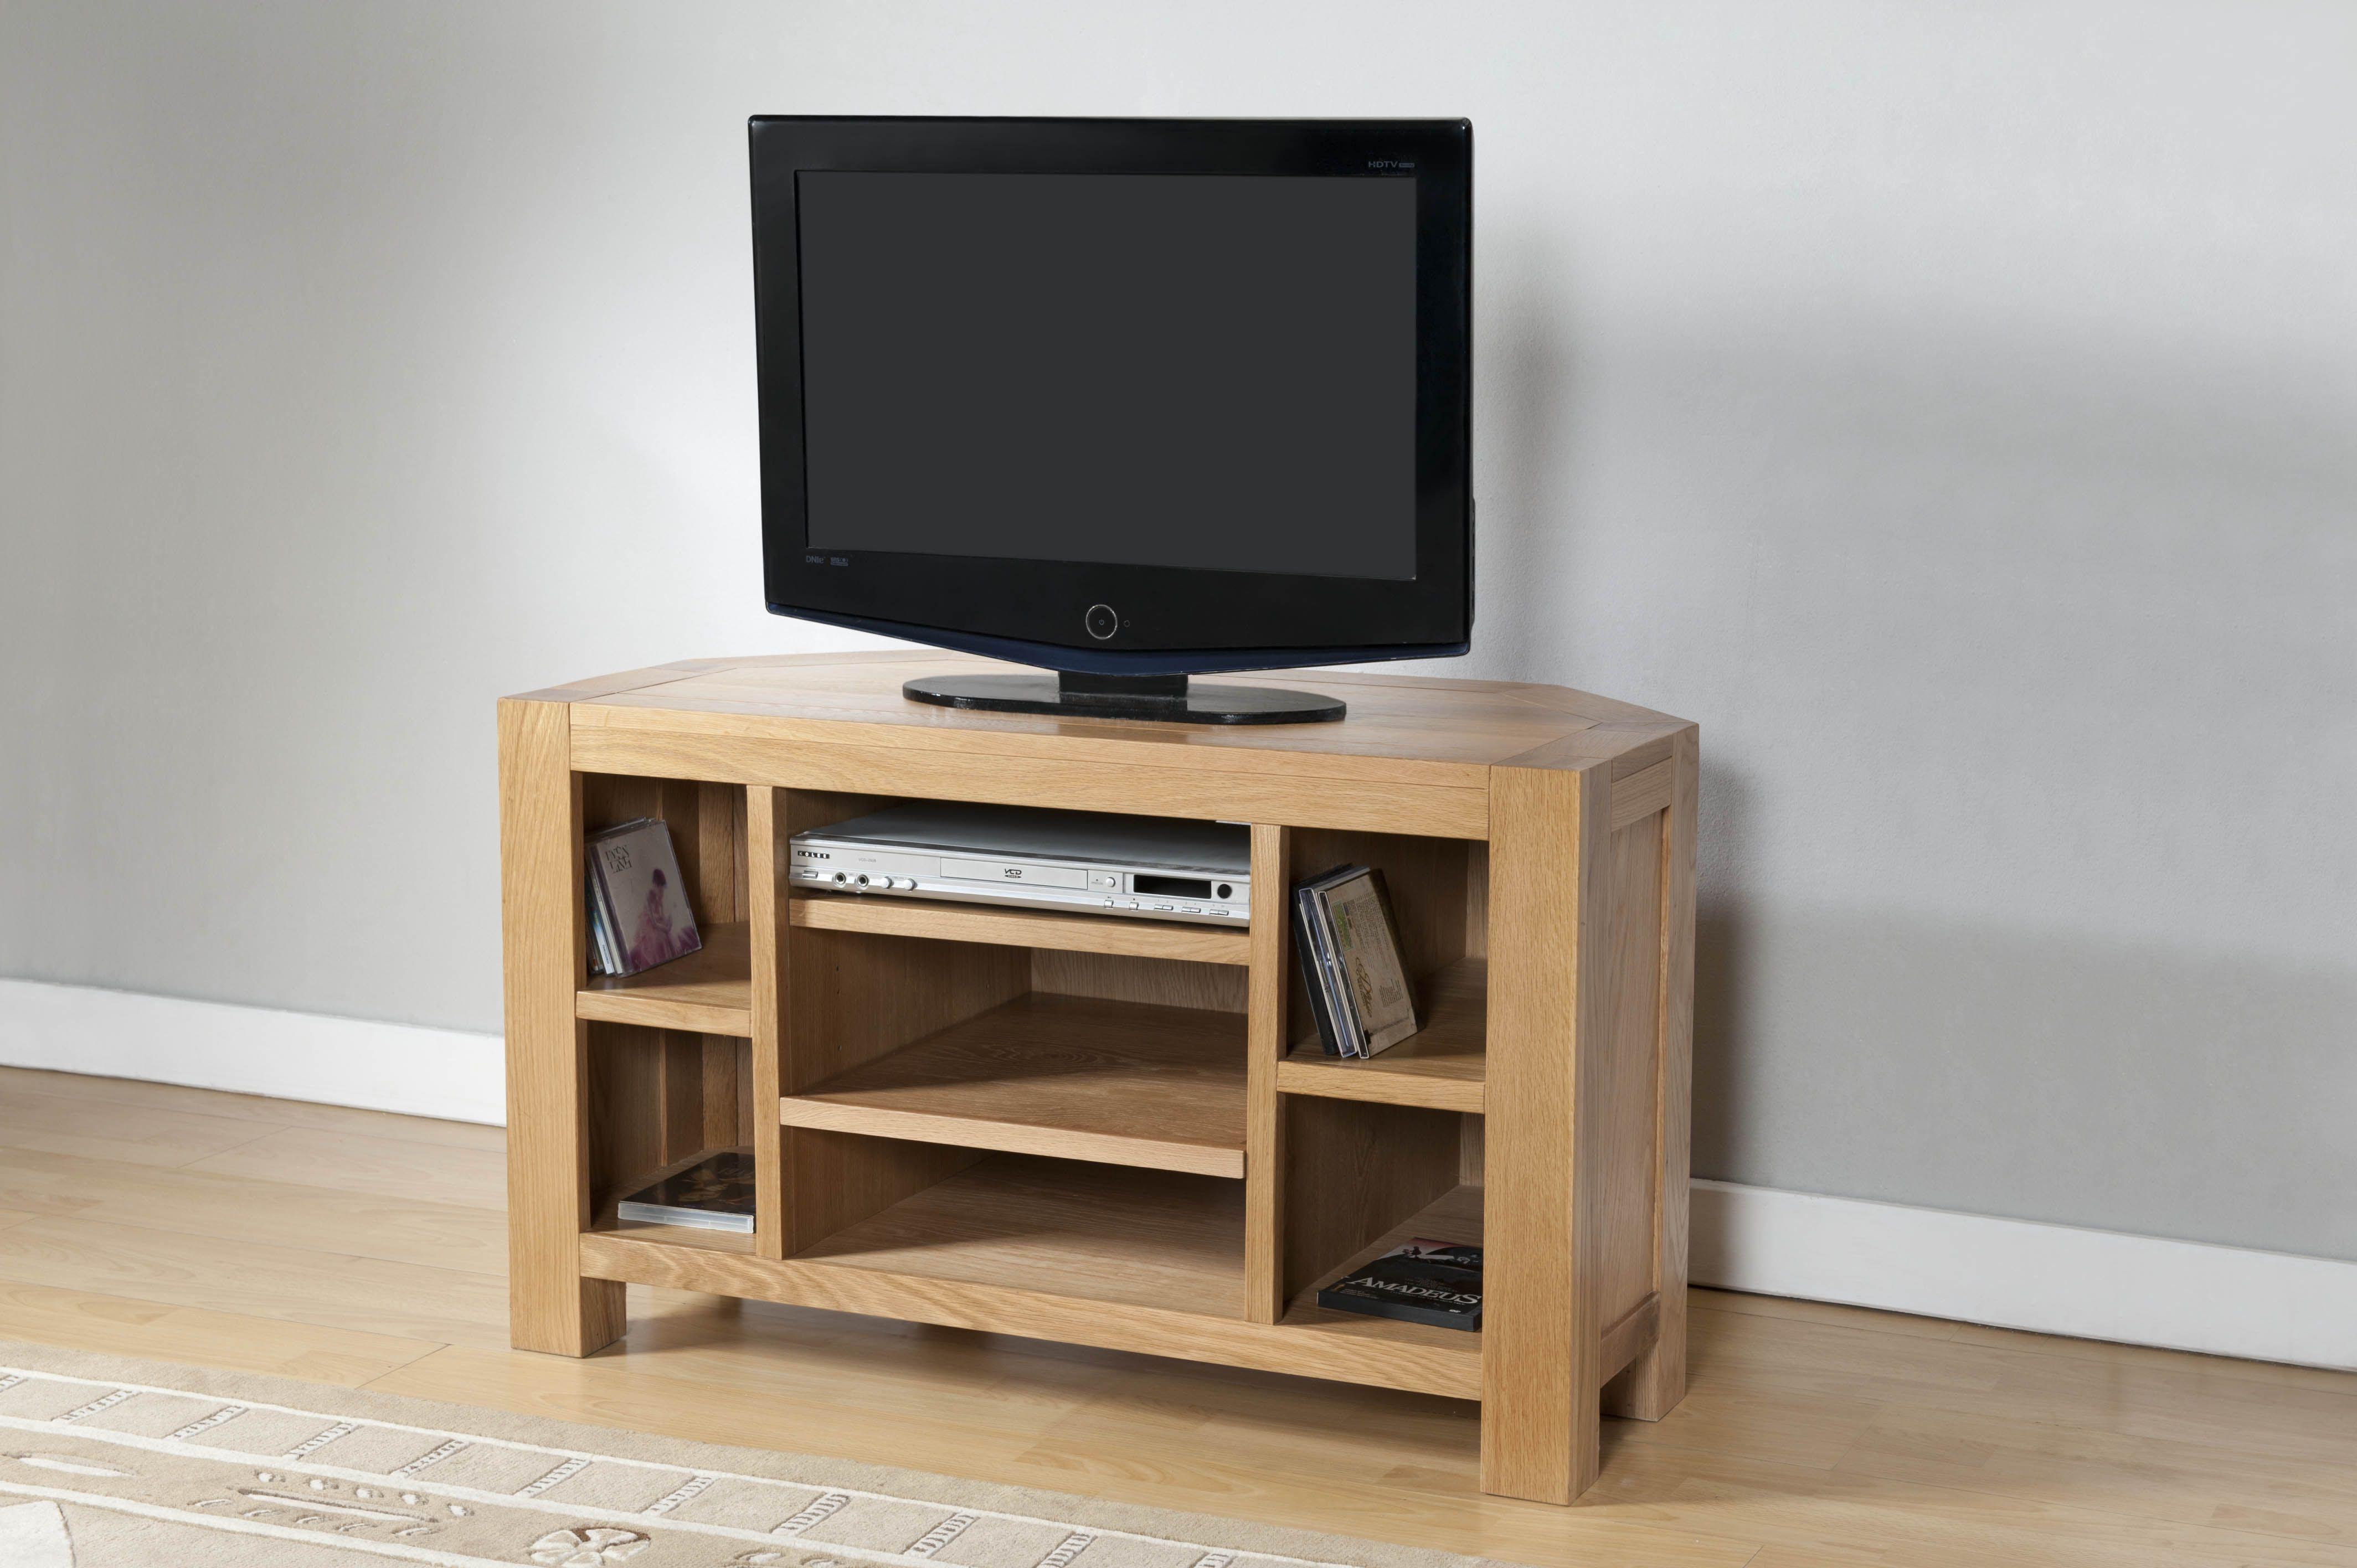 Dunklen Holz Tv Stander Aus Dunklem Holz Ecke Tv Schrank Aus Holz